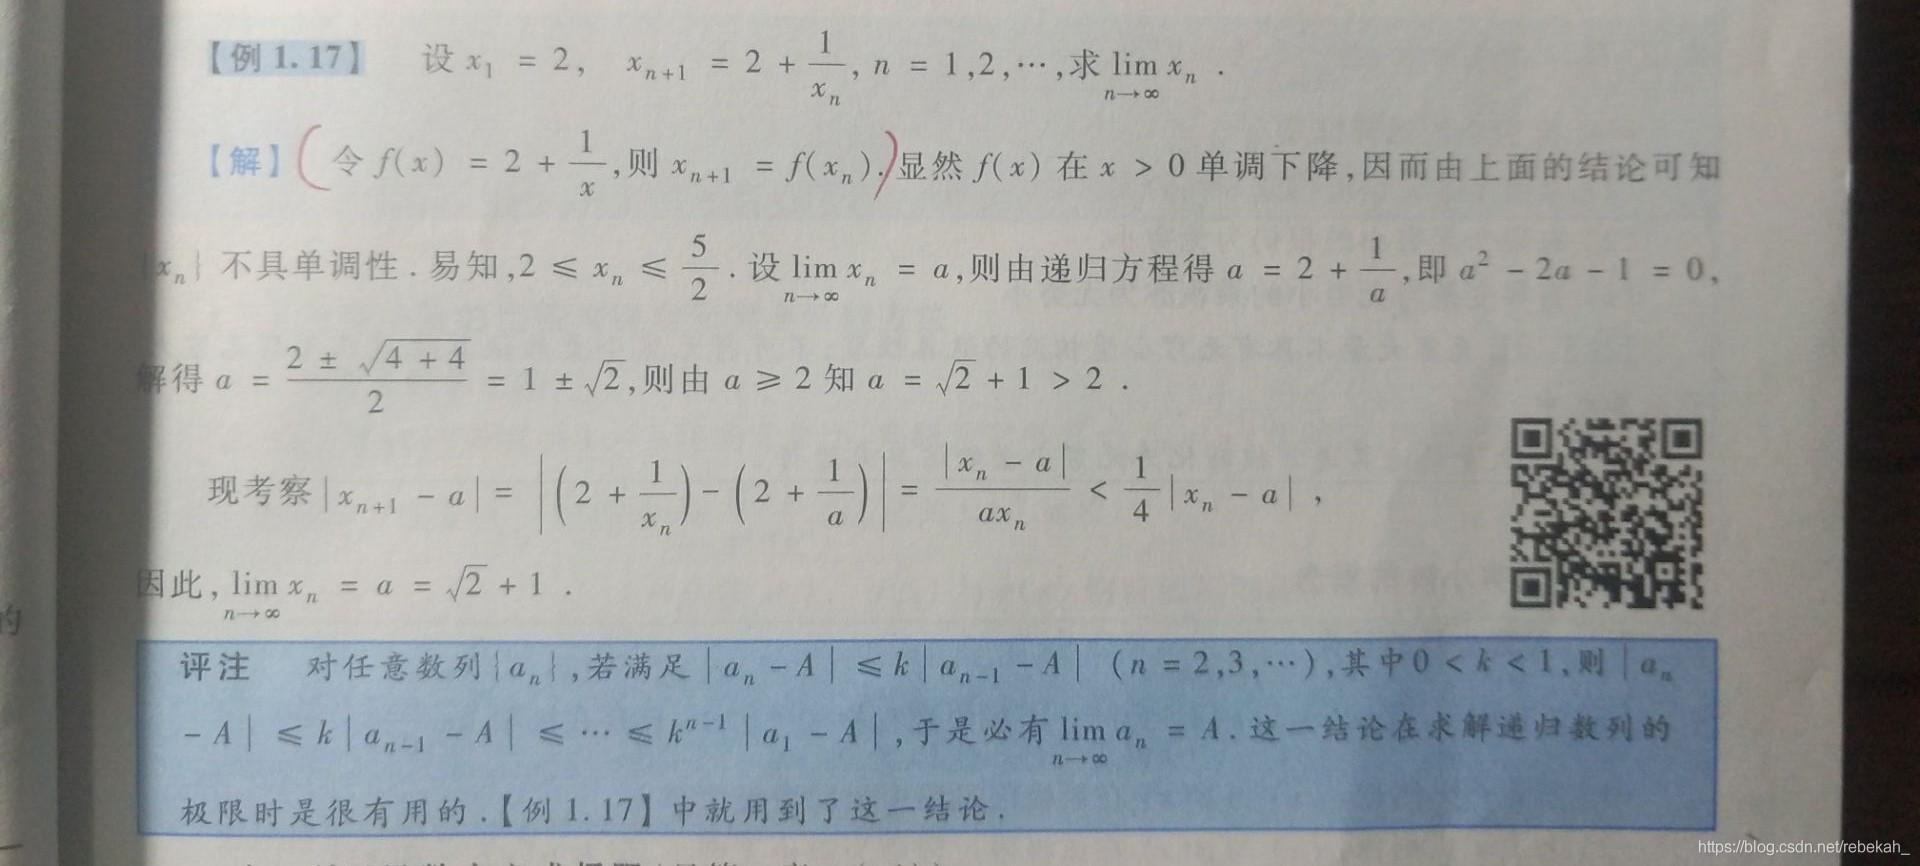 递归数列极限的求法和证明